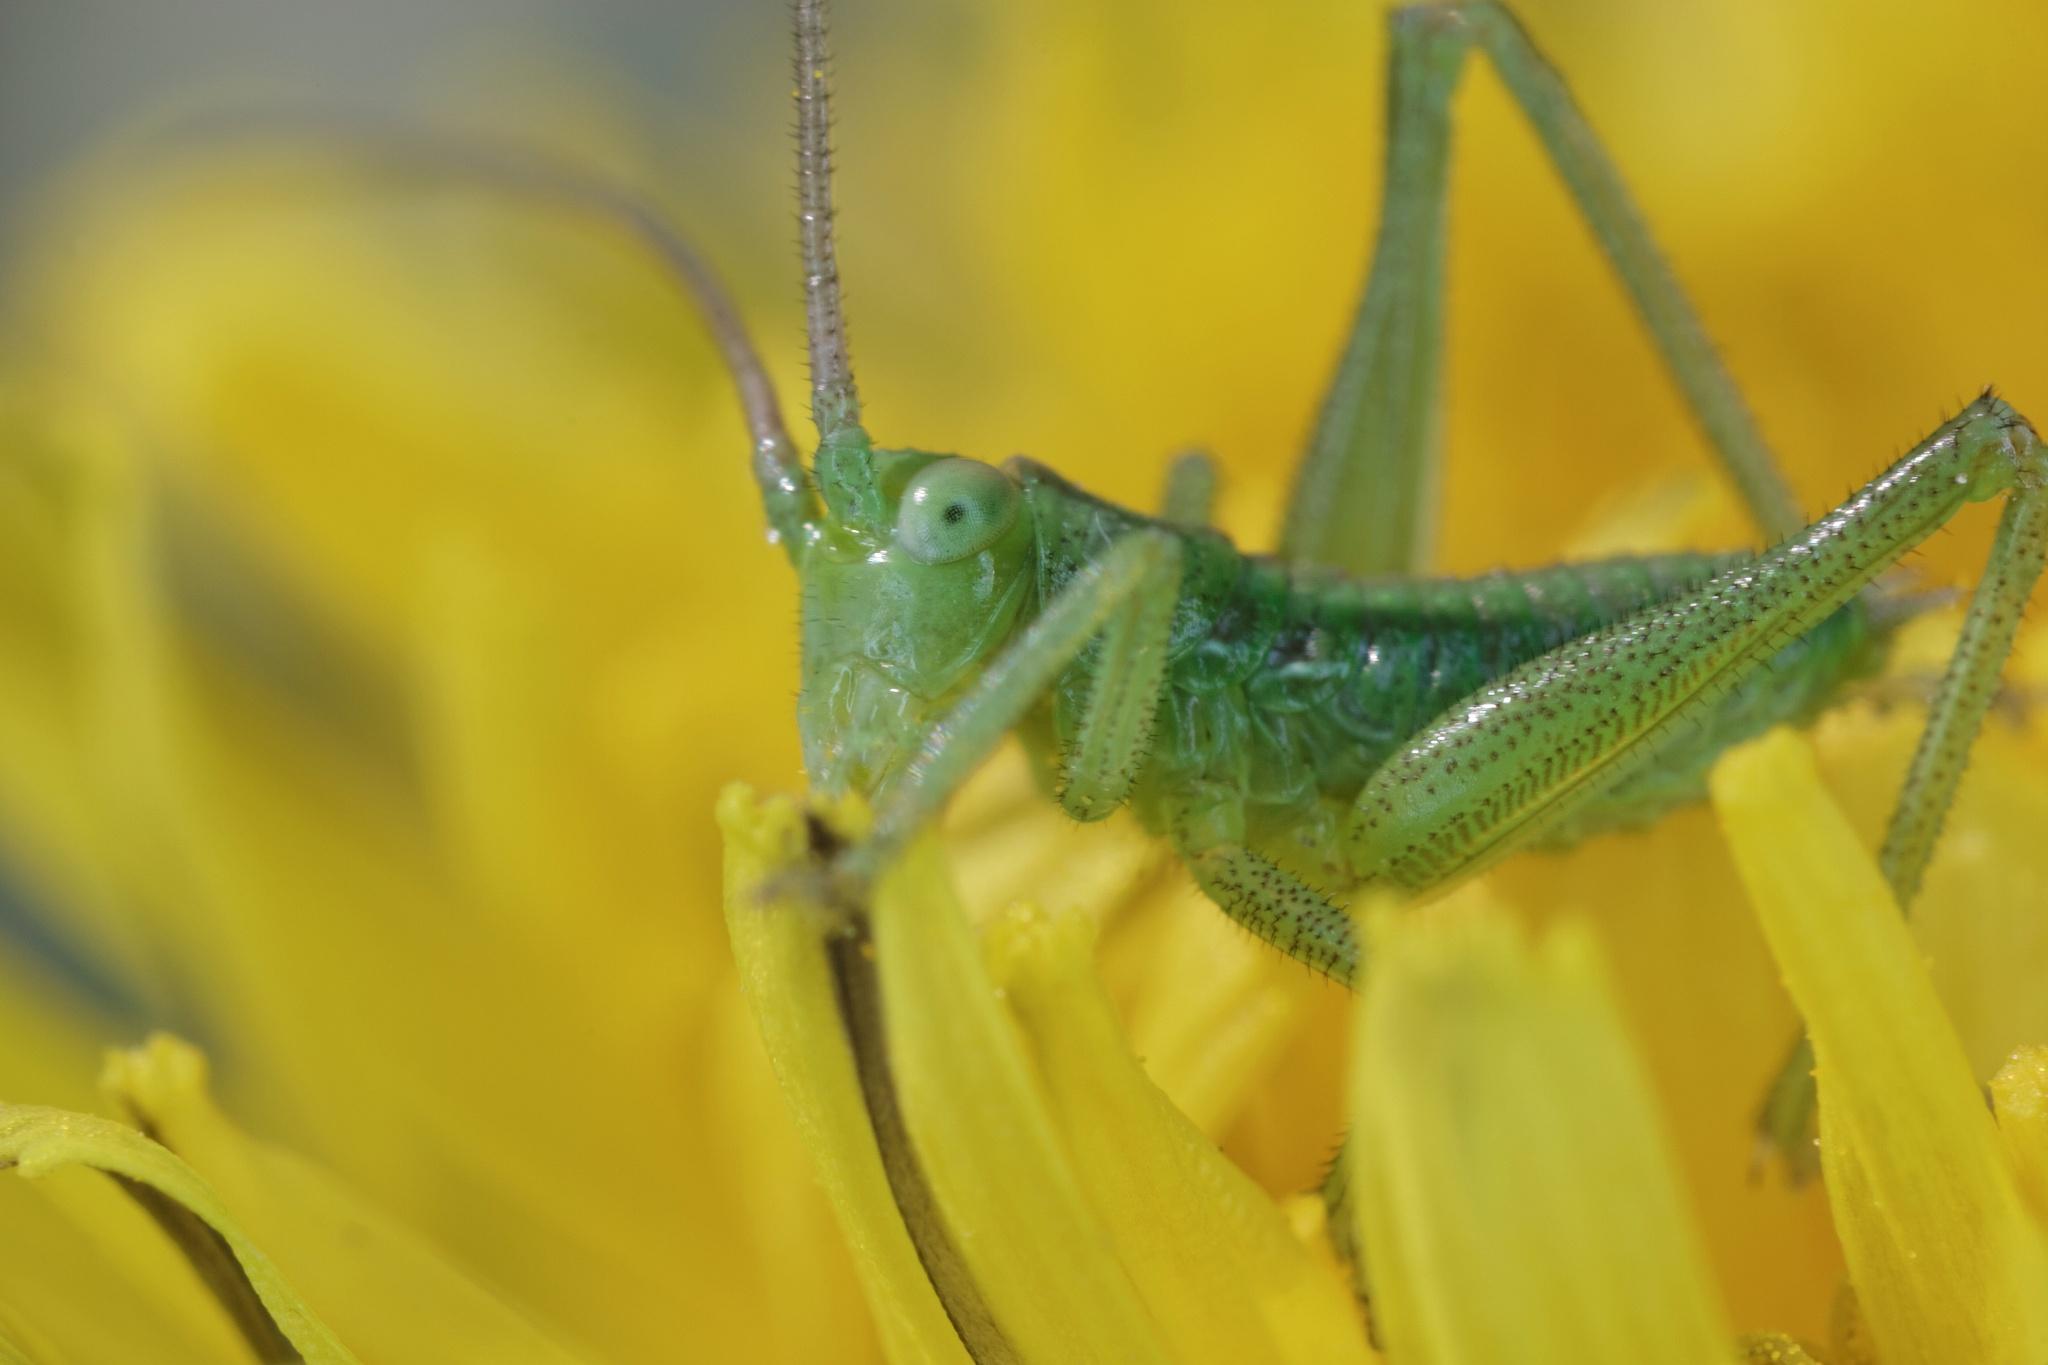 Little grasshopper by jackdaniel